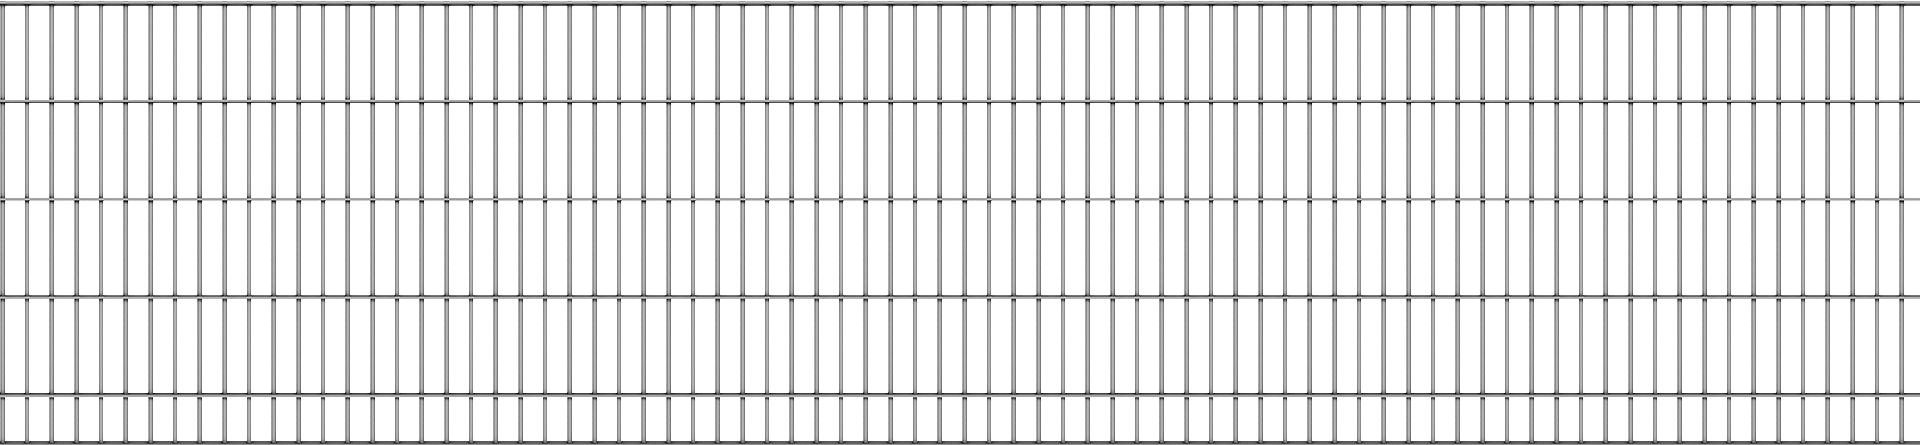 Prison bars png stl mugshots st louis arrests and mugshots